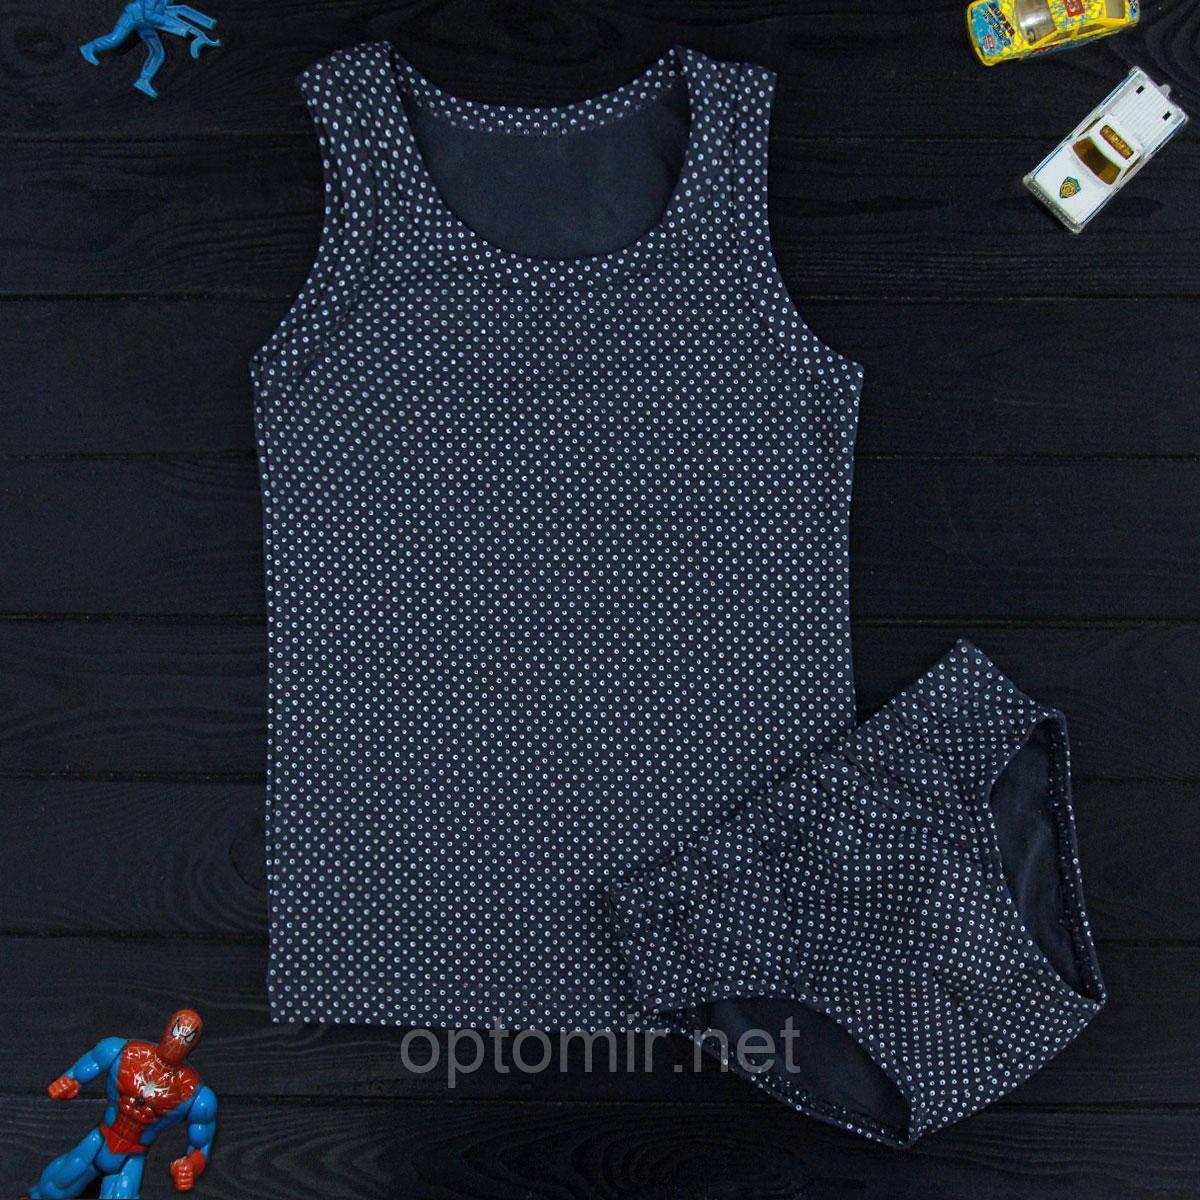 Комплект детский Donella Турция темно-синий для мальчика на 4/5 лет | 1шт.